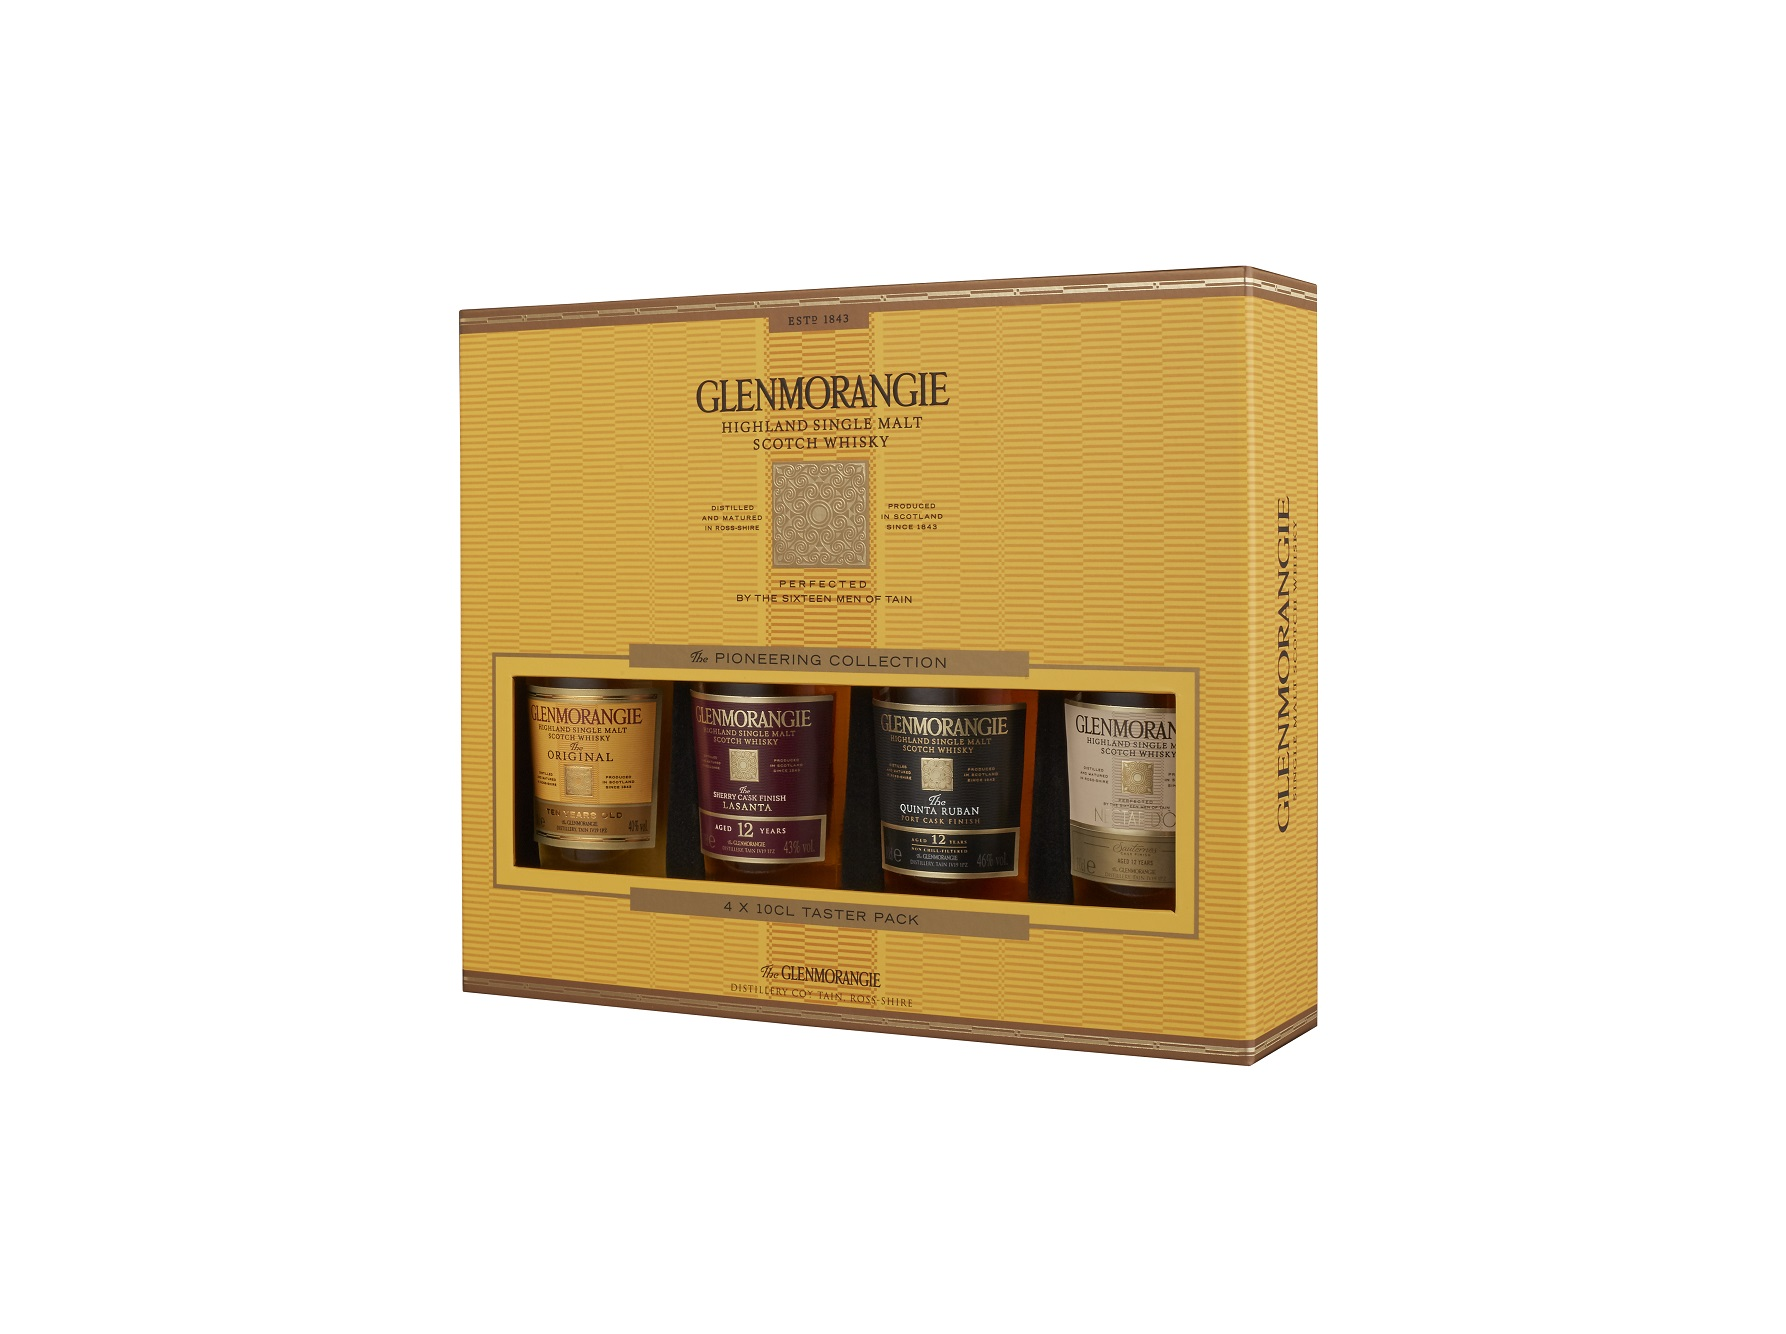 Glenmorangie Whisky Taster Pack